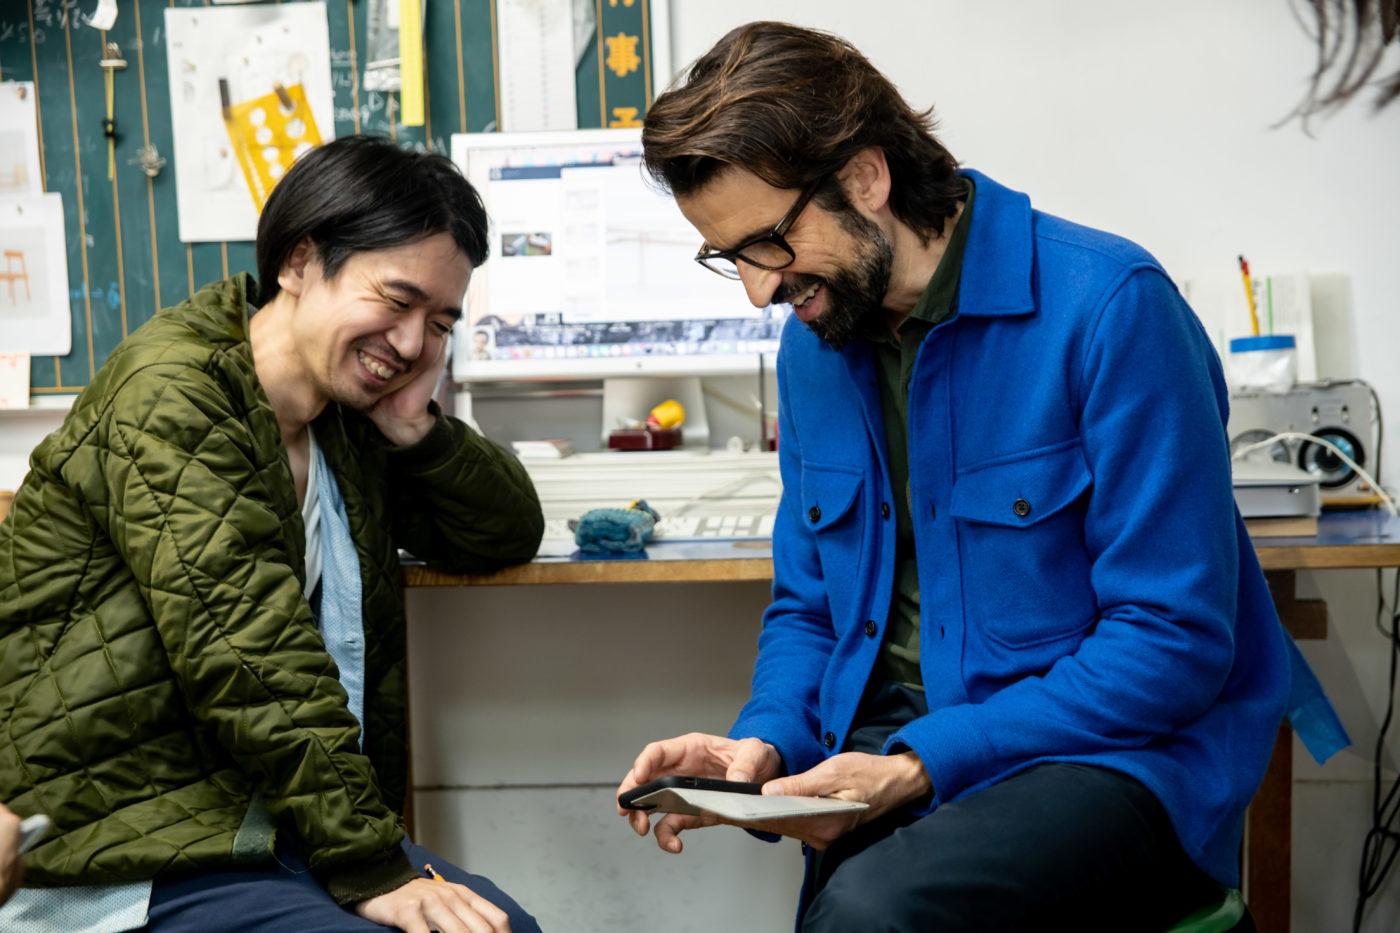 STUDIO VISIT|FREITAG創設者マーカス・フライターグさんと行く、吉行良平さんの仕事の現場 2/3